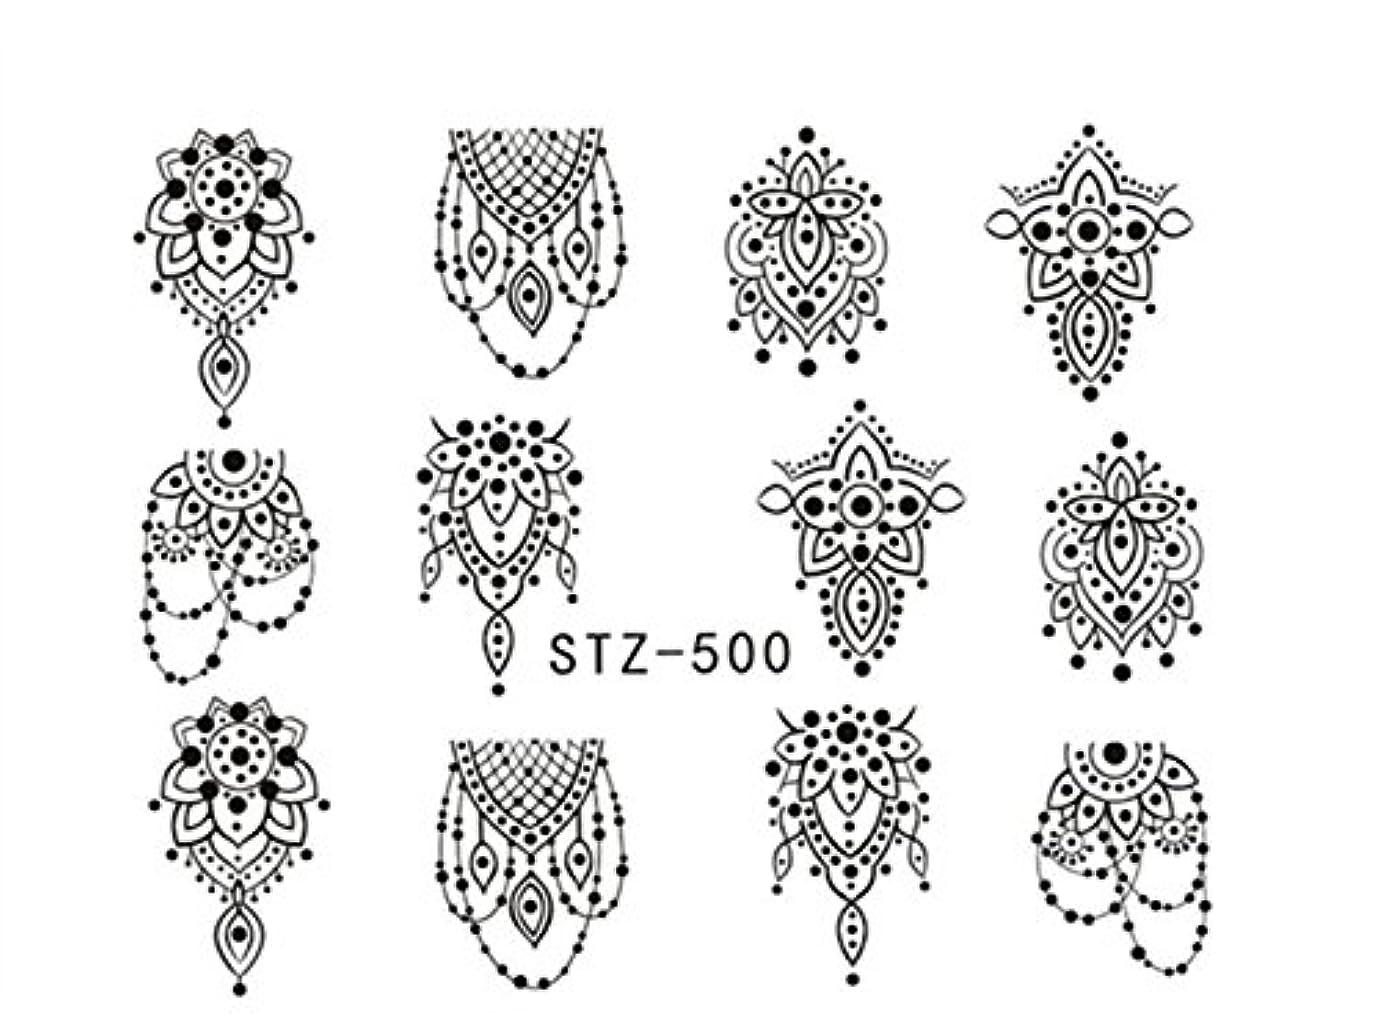 虐待枝歴史家Osize 5PCsファッションウォーターマーク美しい先端ソリッドカラーネイルアートスターネイルステッカーネイルデカールカービングネイルステッカー(ブラック)